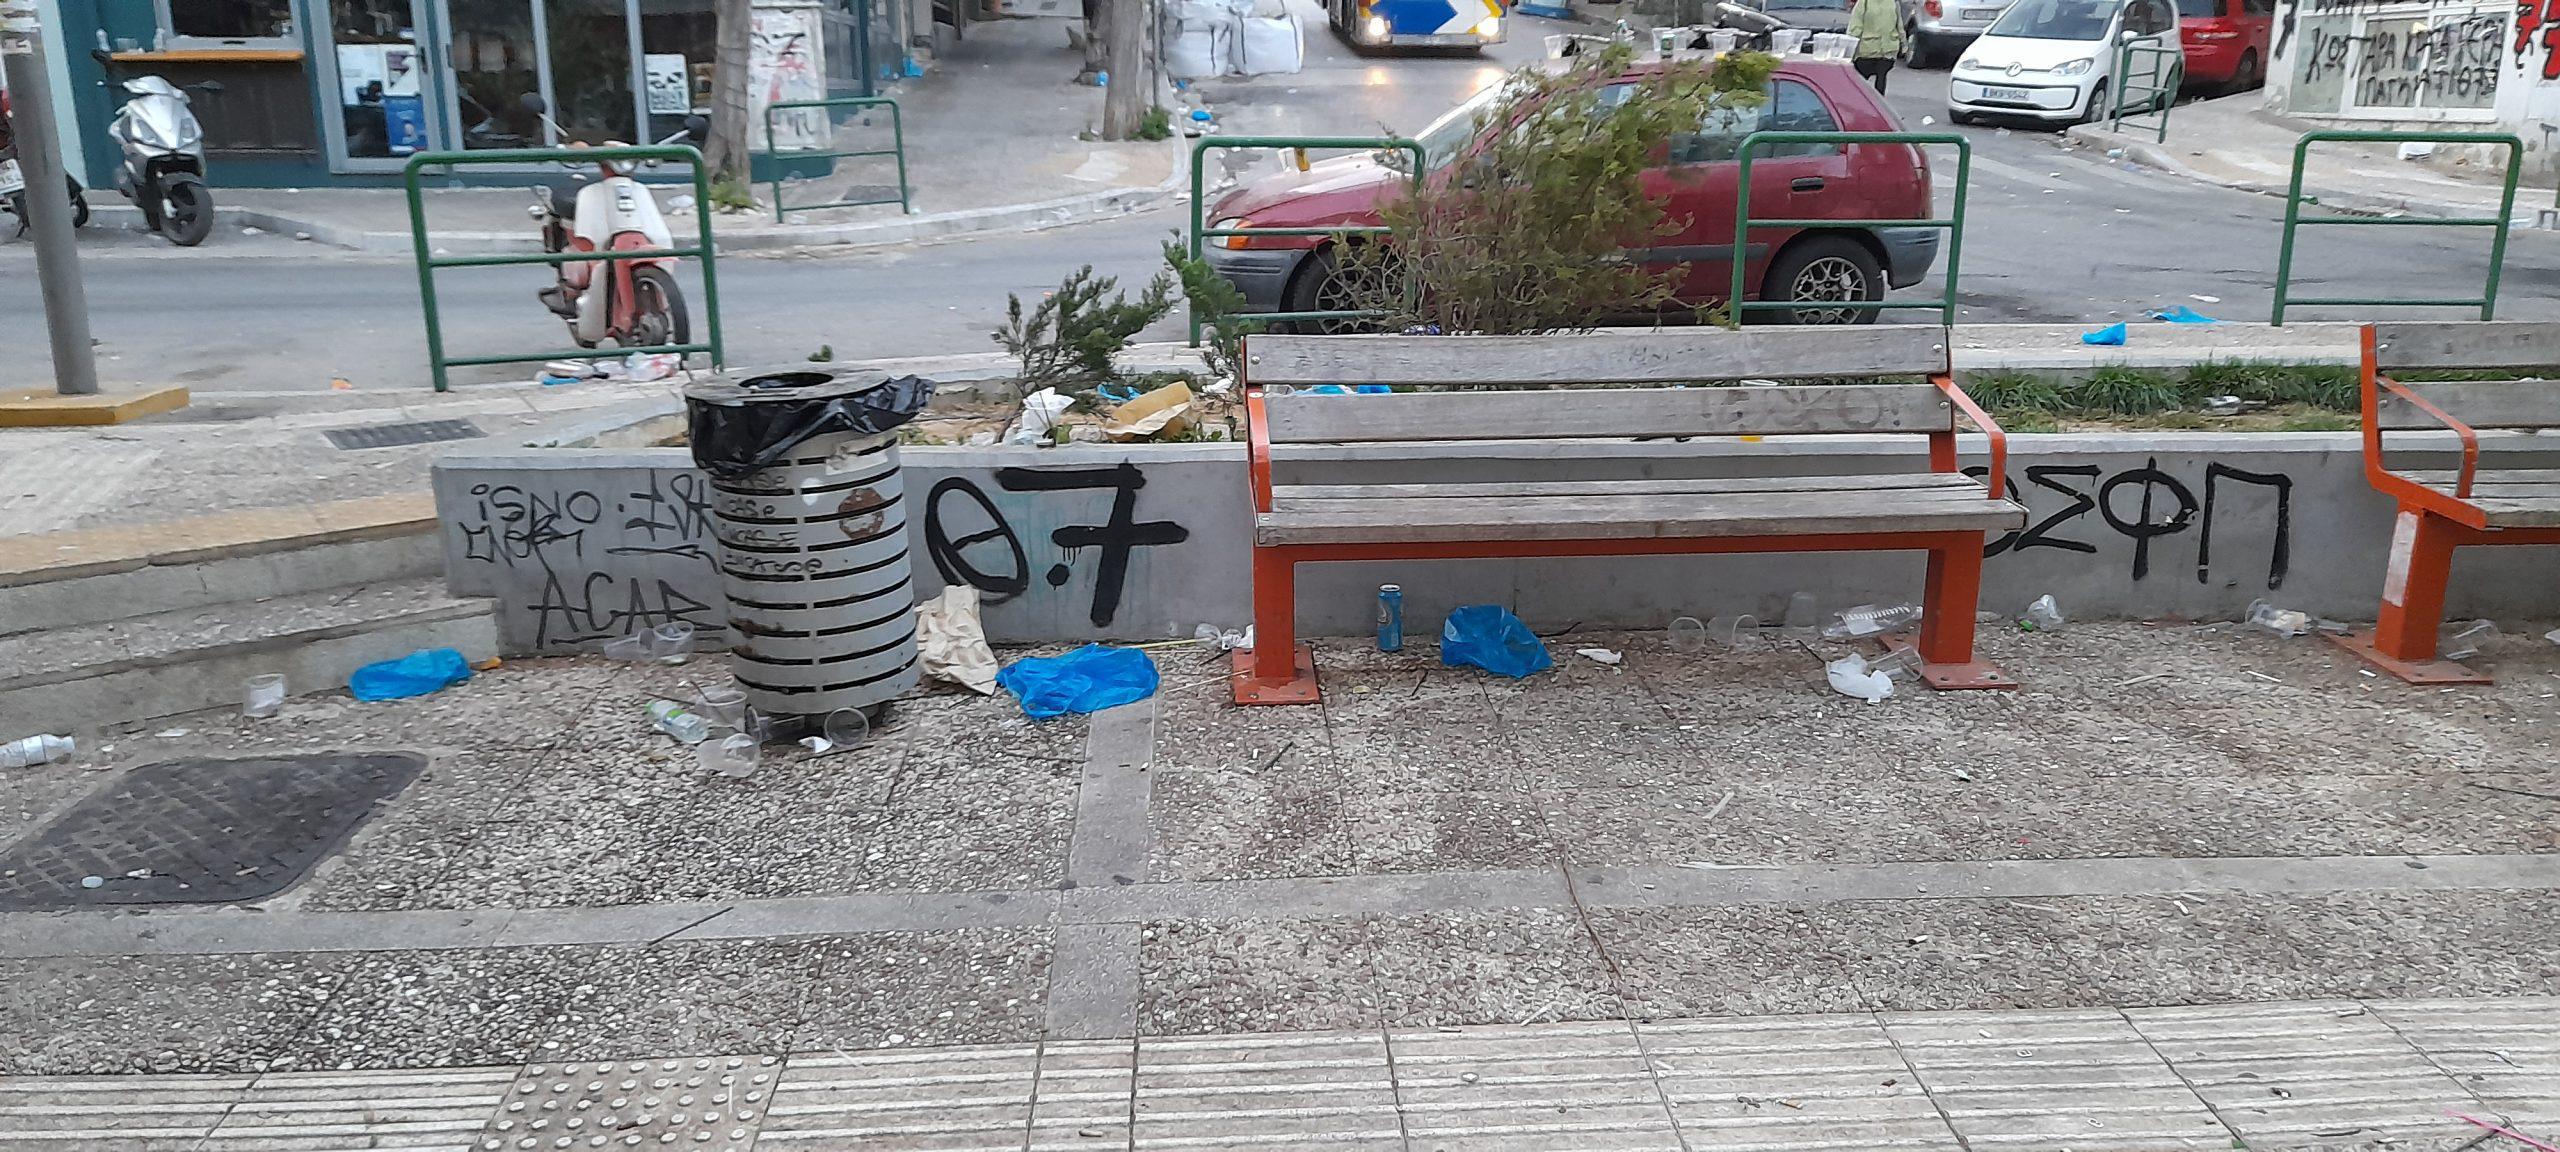 Να παραδώσουν την πλατεία Βαρνάβα καθαρή και περιποιημένη ξανά στους ανθρώπους της 2ηςΔημοτικής κοινότητας , φρόντισαν από νωρίς το πρωί οι εργαζόμενοι της καθαριότητας του Δήμου Αθηναίων.